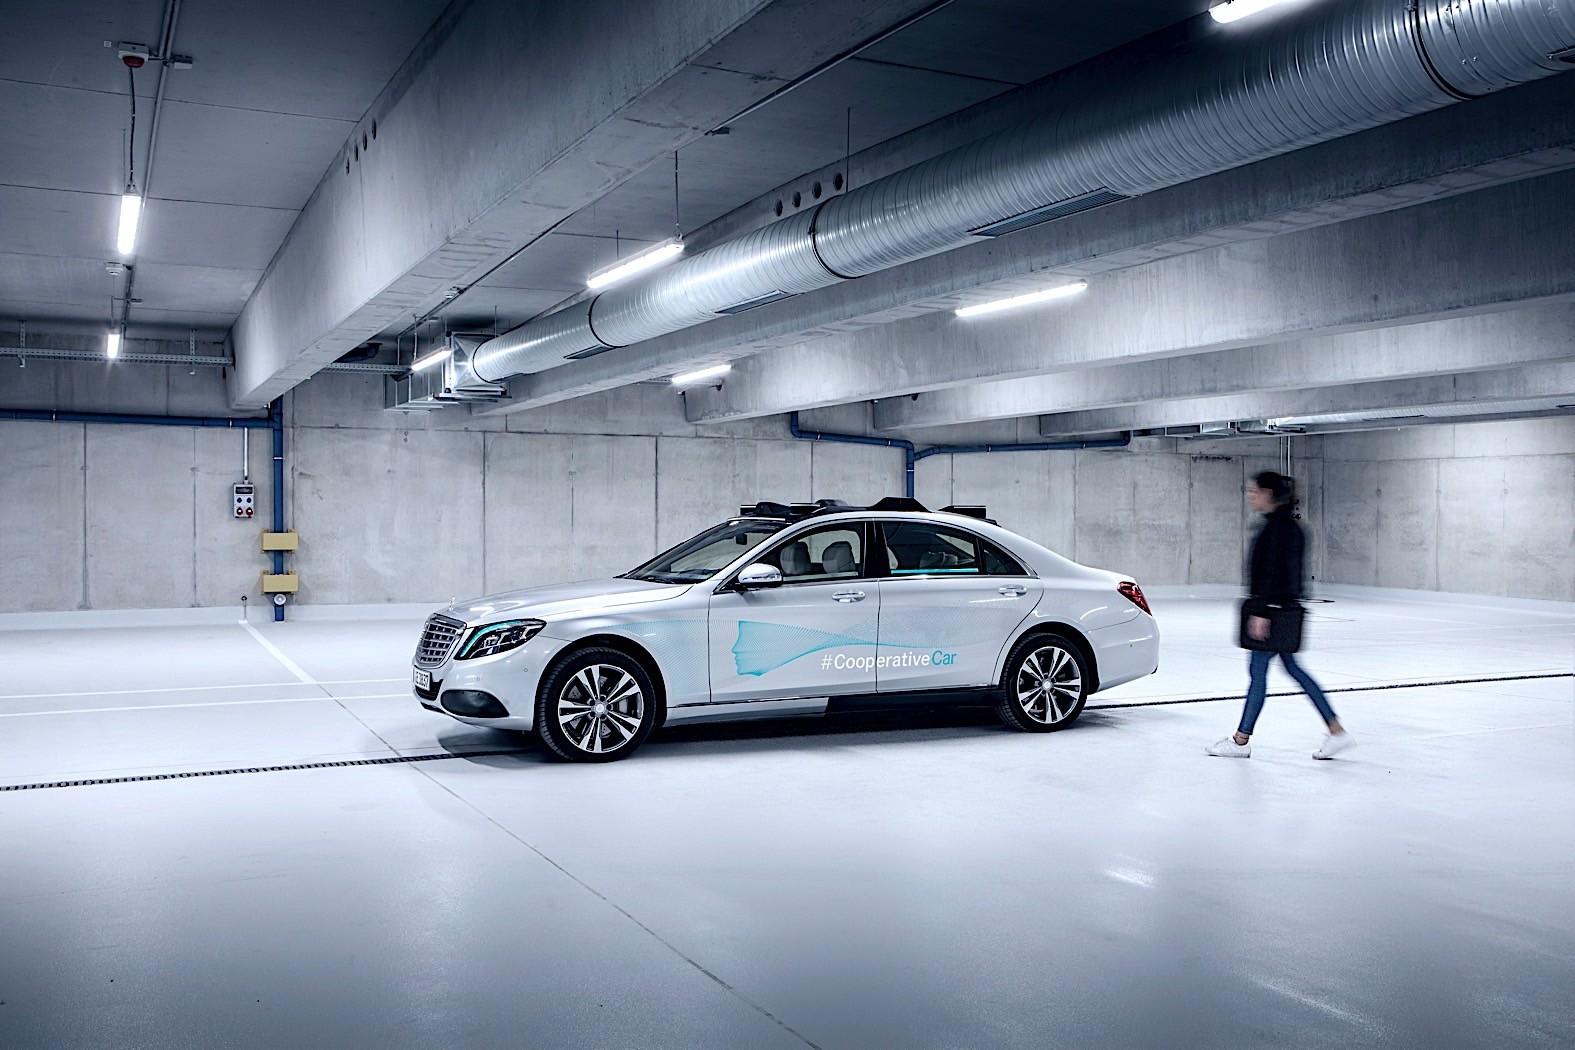 奔驰自动驾驶S级通过指示灯与行人交流